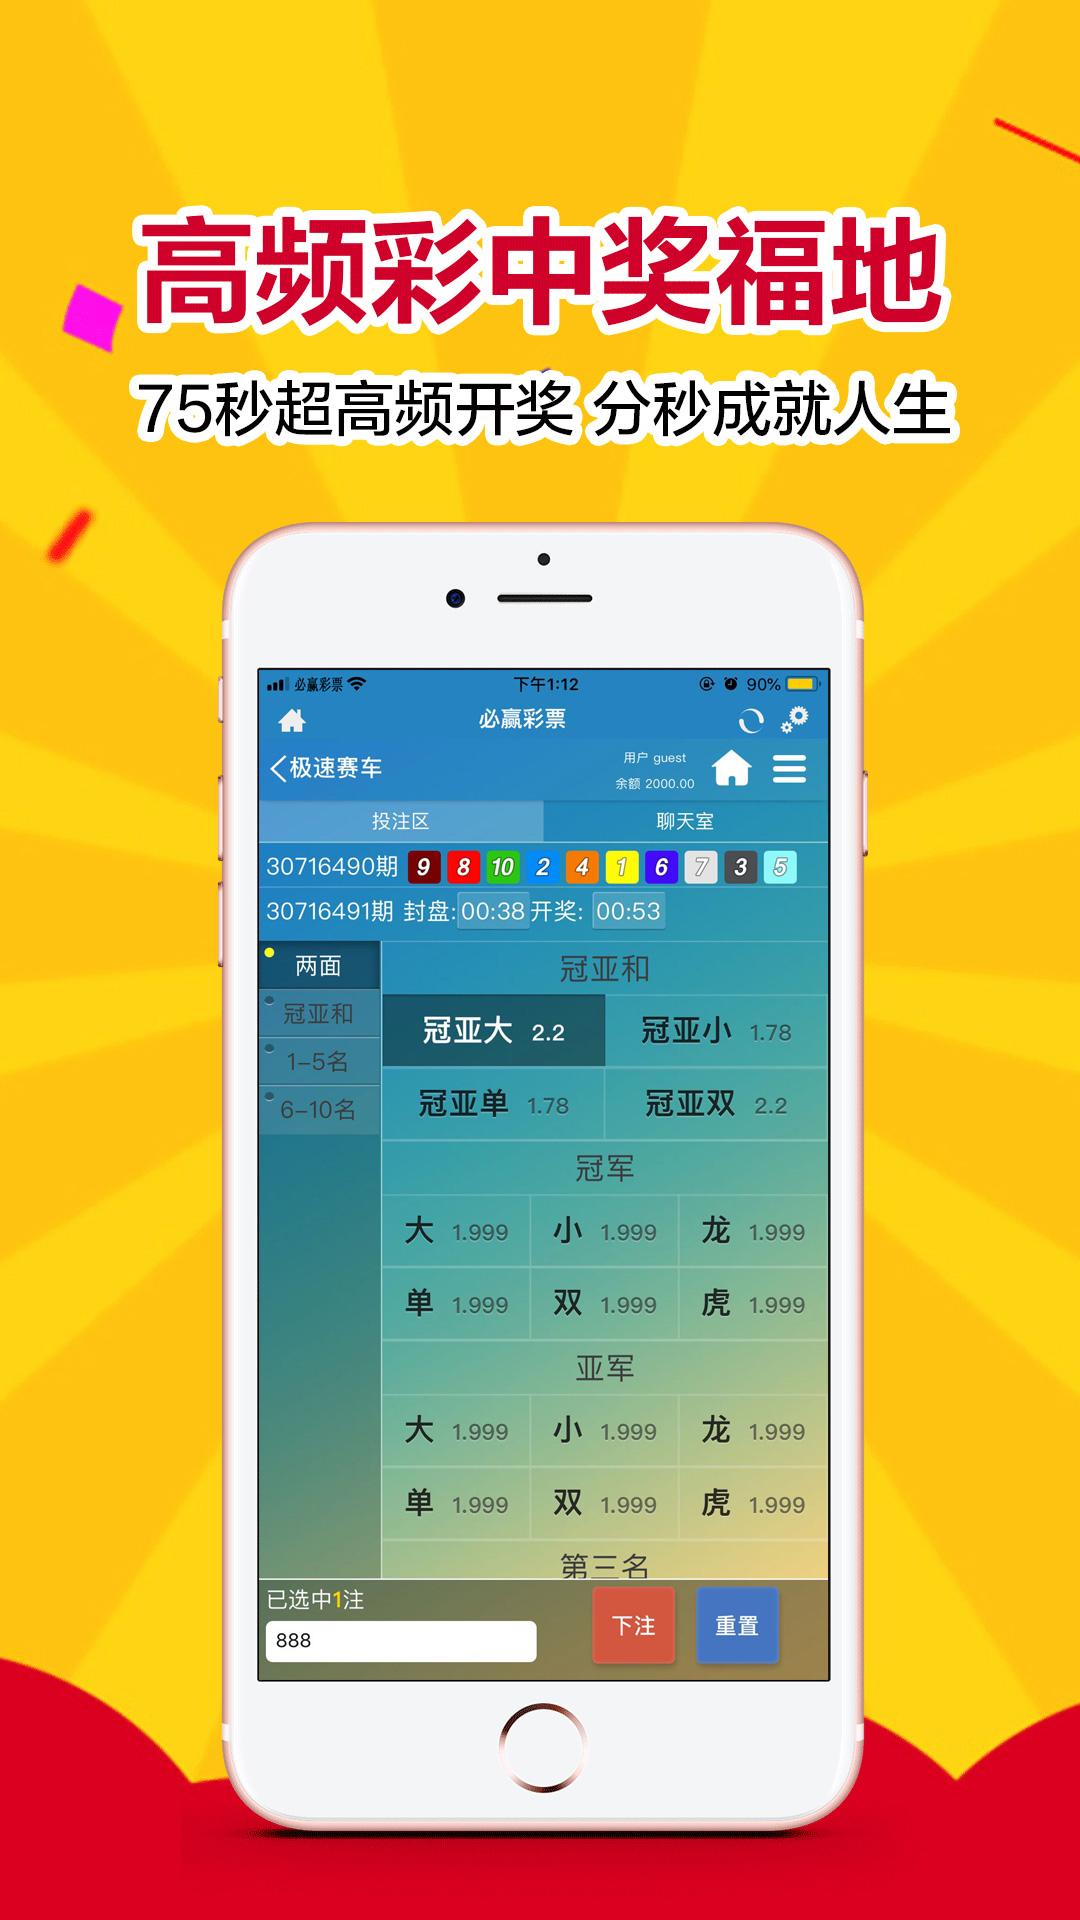 必赢彩票 v1.0.8 苹果版 图片预览